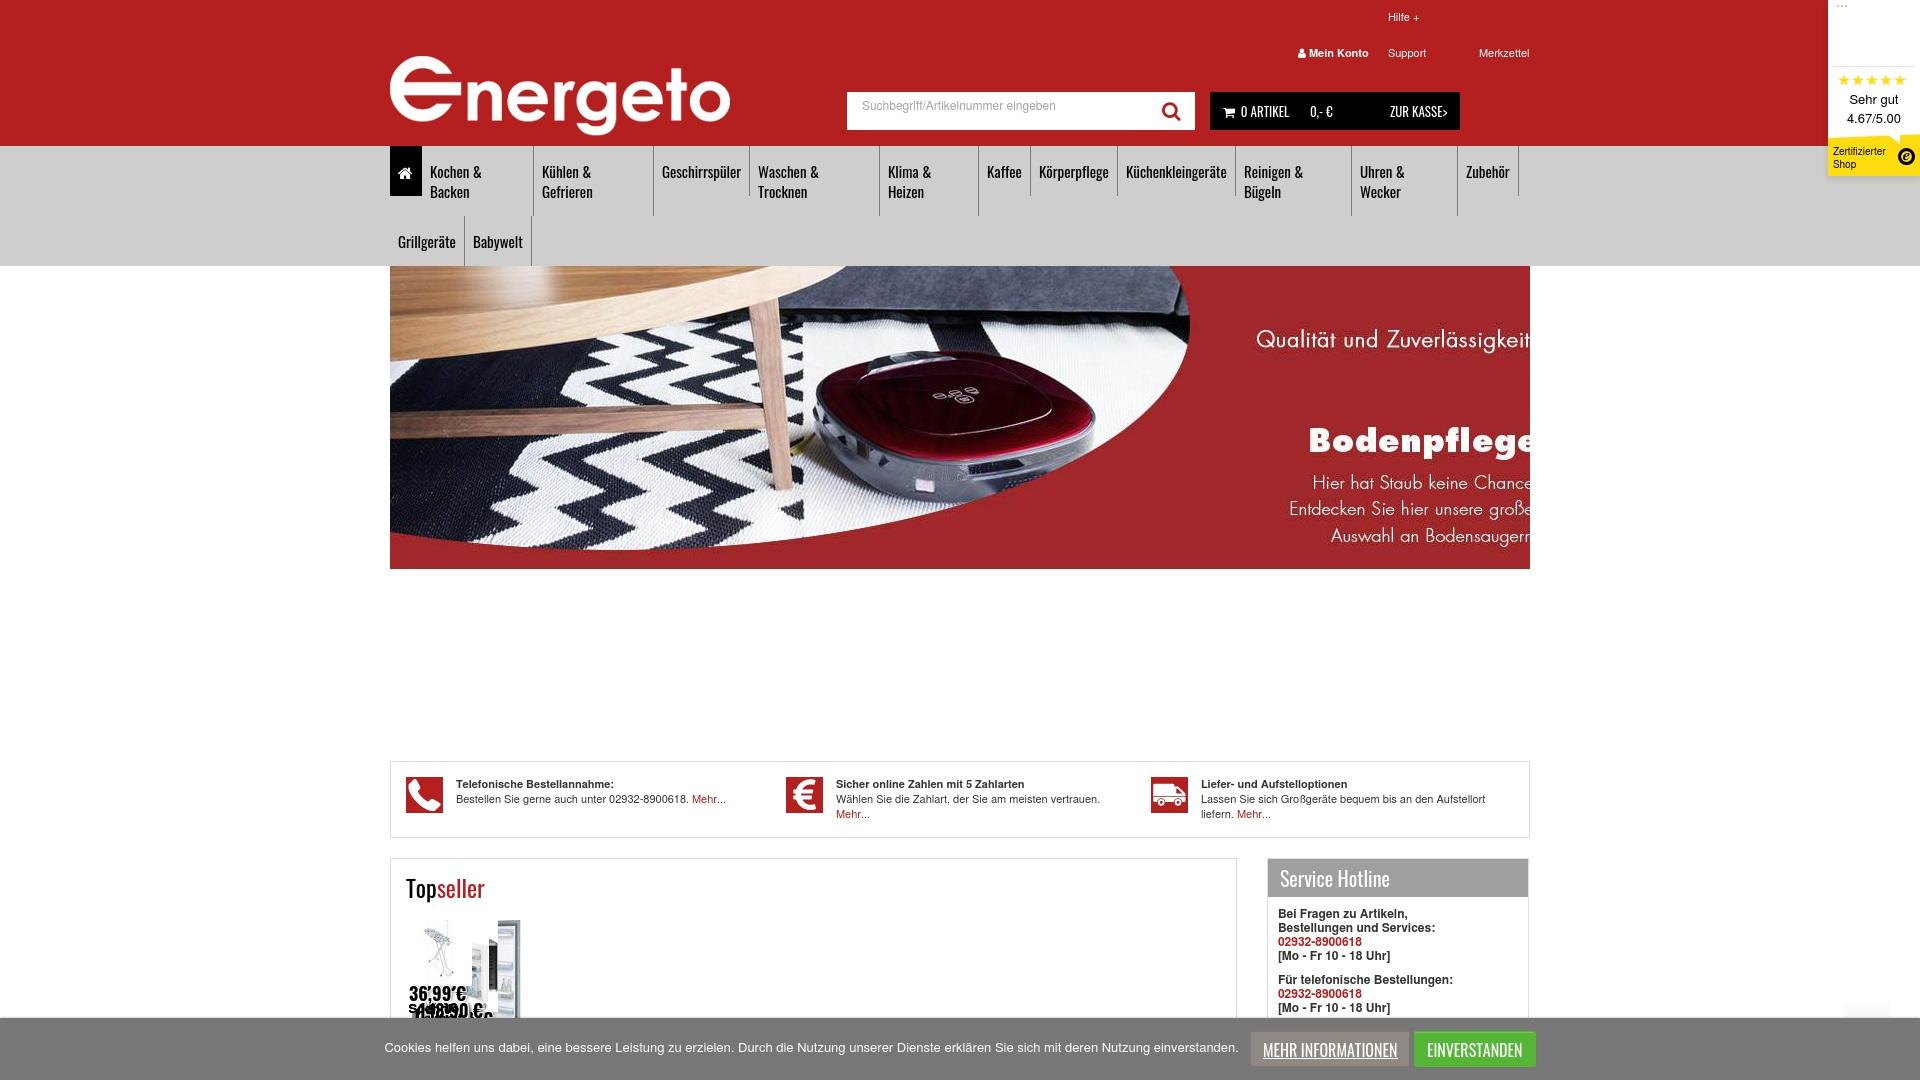 Gutschein für Energeto: Rabatte für  Energeto sichern